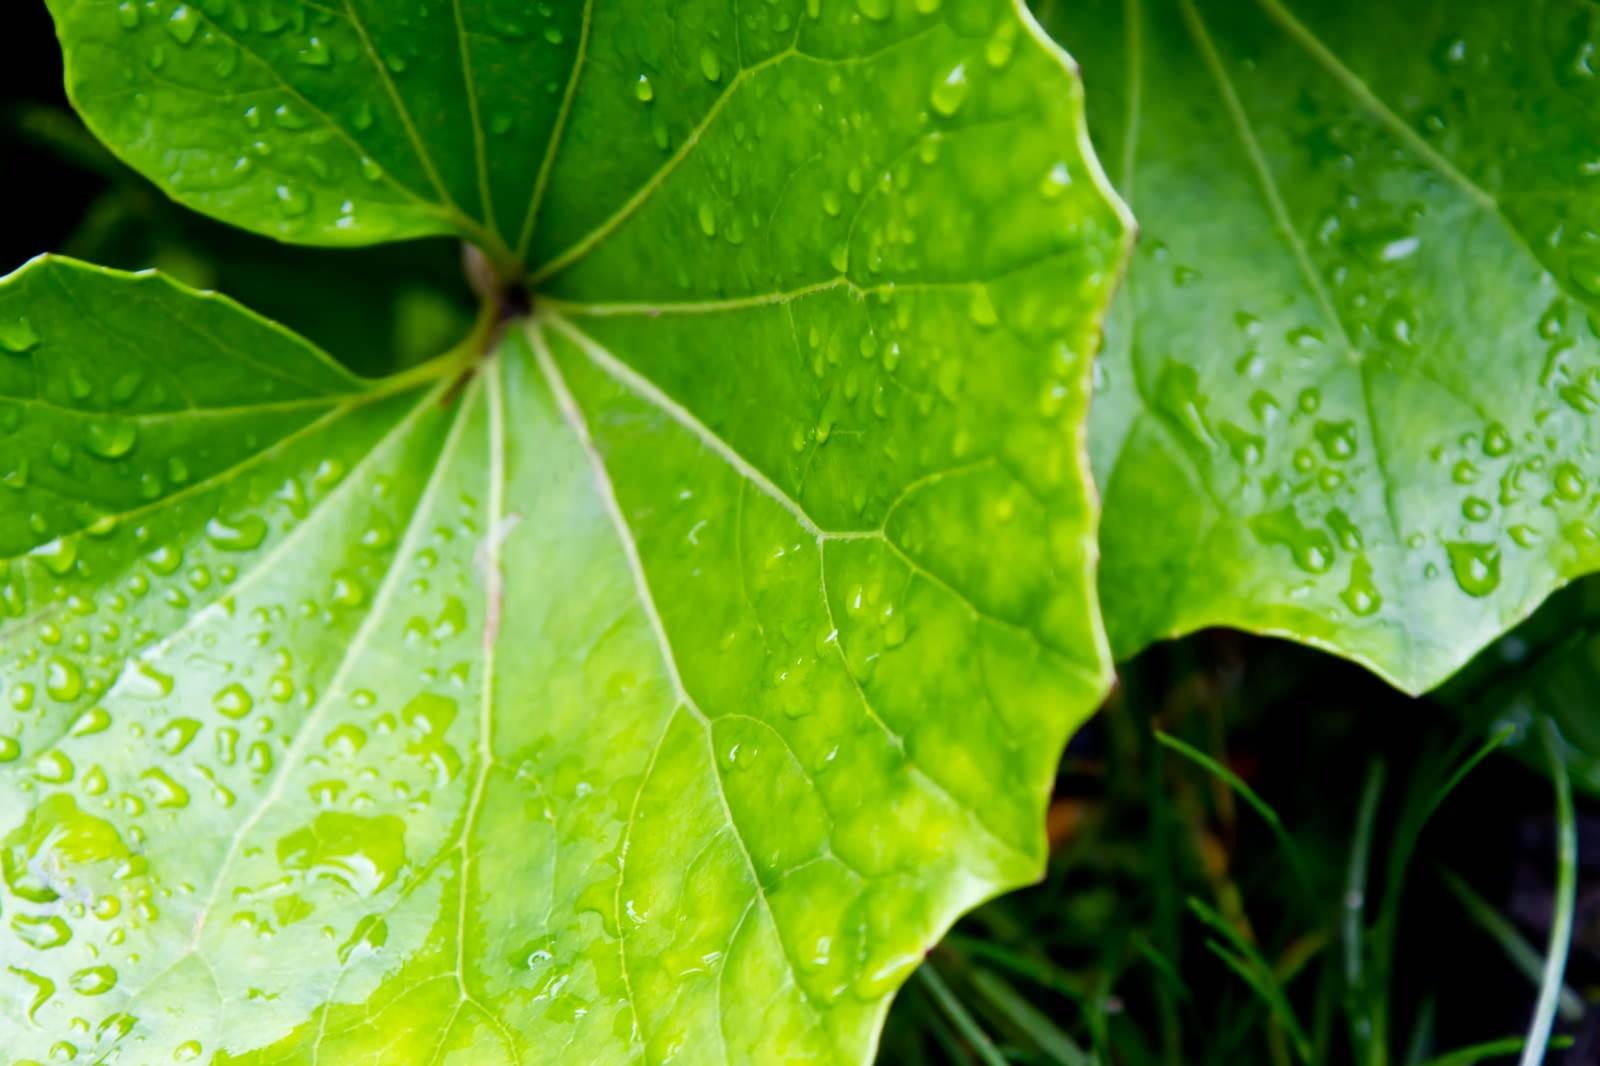 「水をはじく大きな葉」の写真